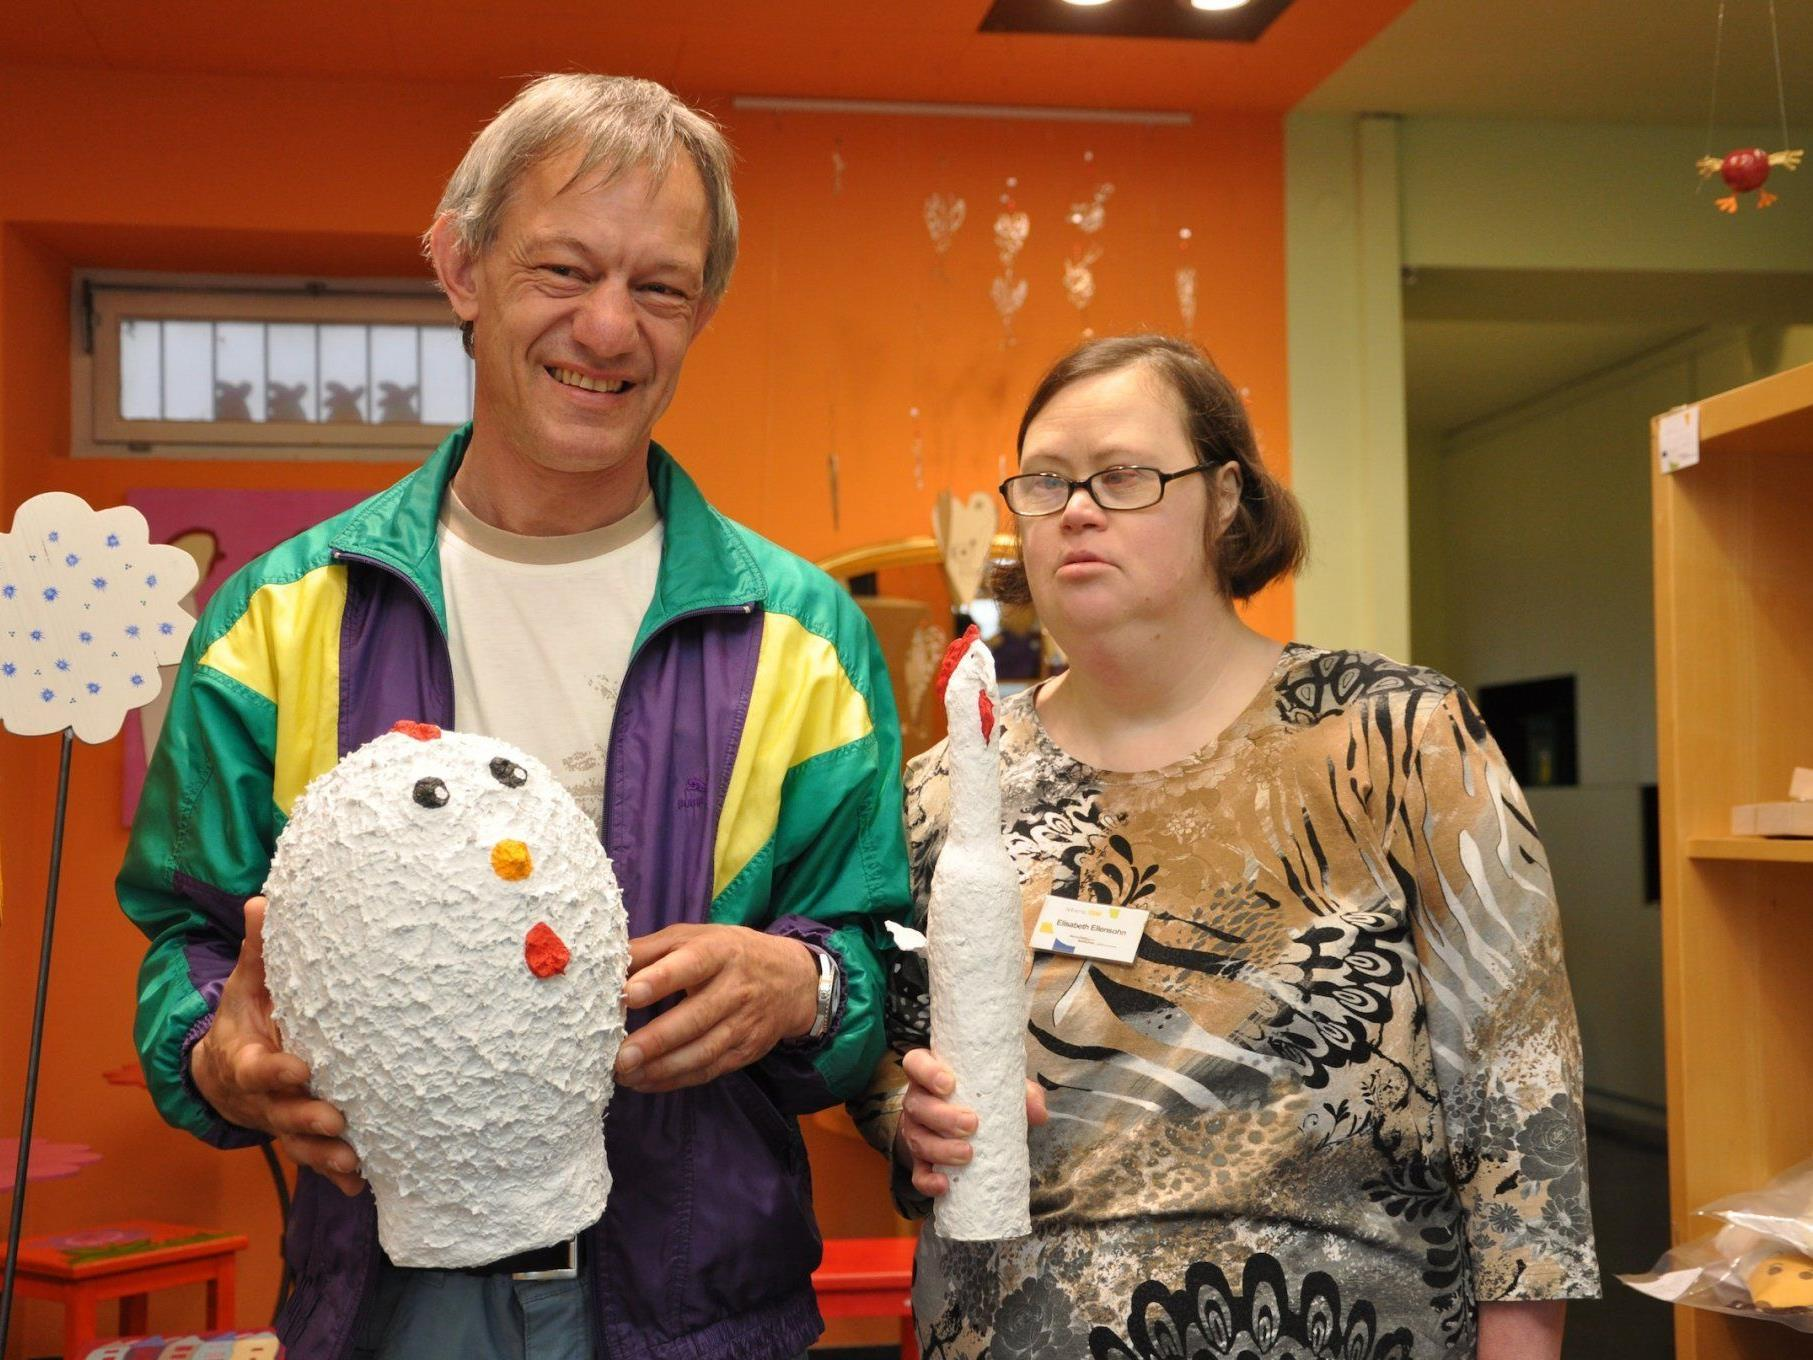 Robert und Elisabeth schaffen Kunstwerke für das lebens.ART Geschäft in Bregenz.